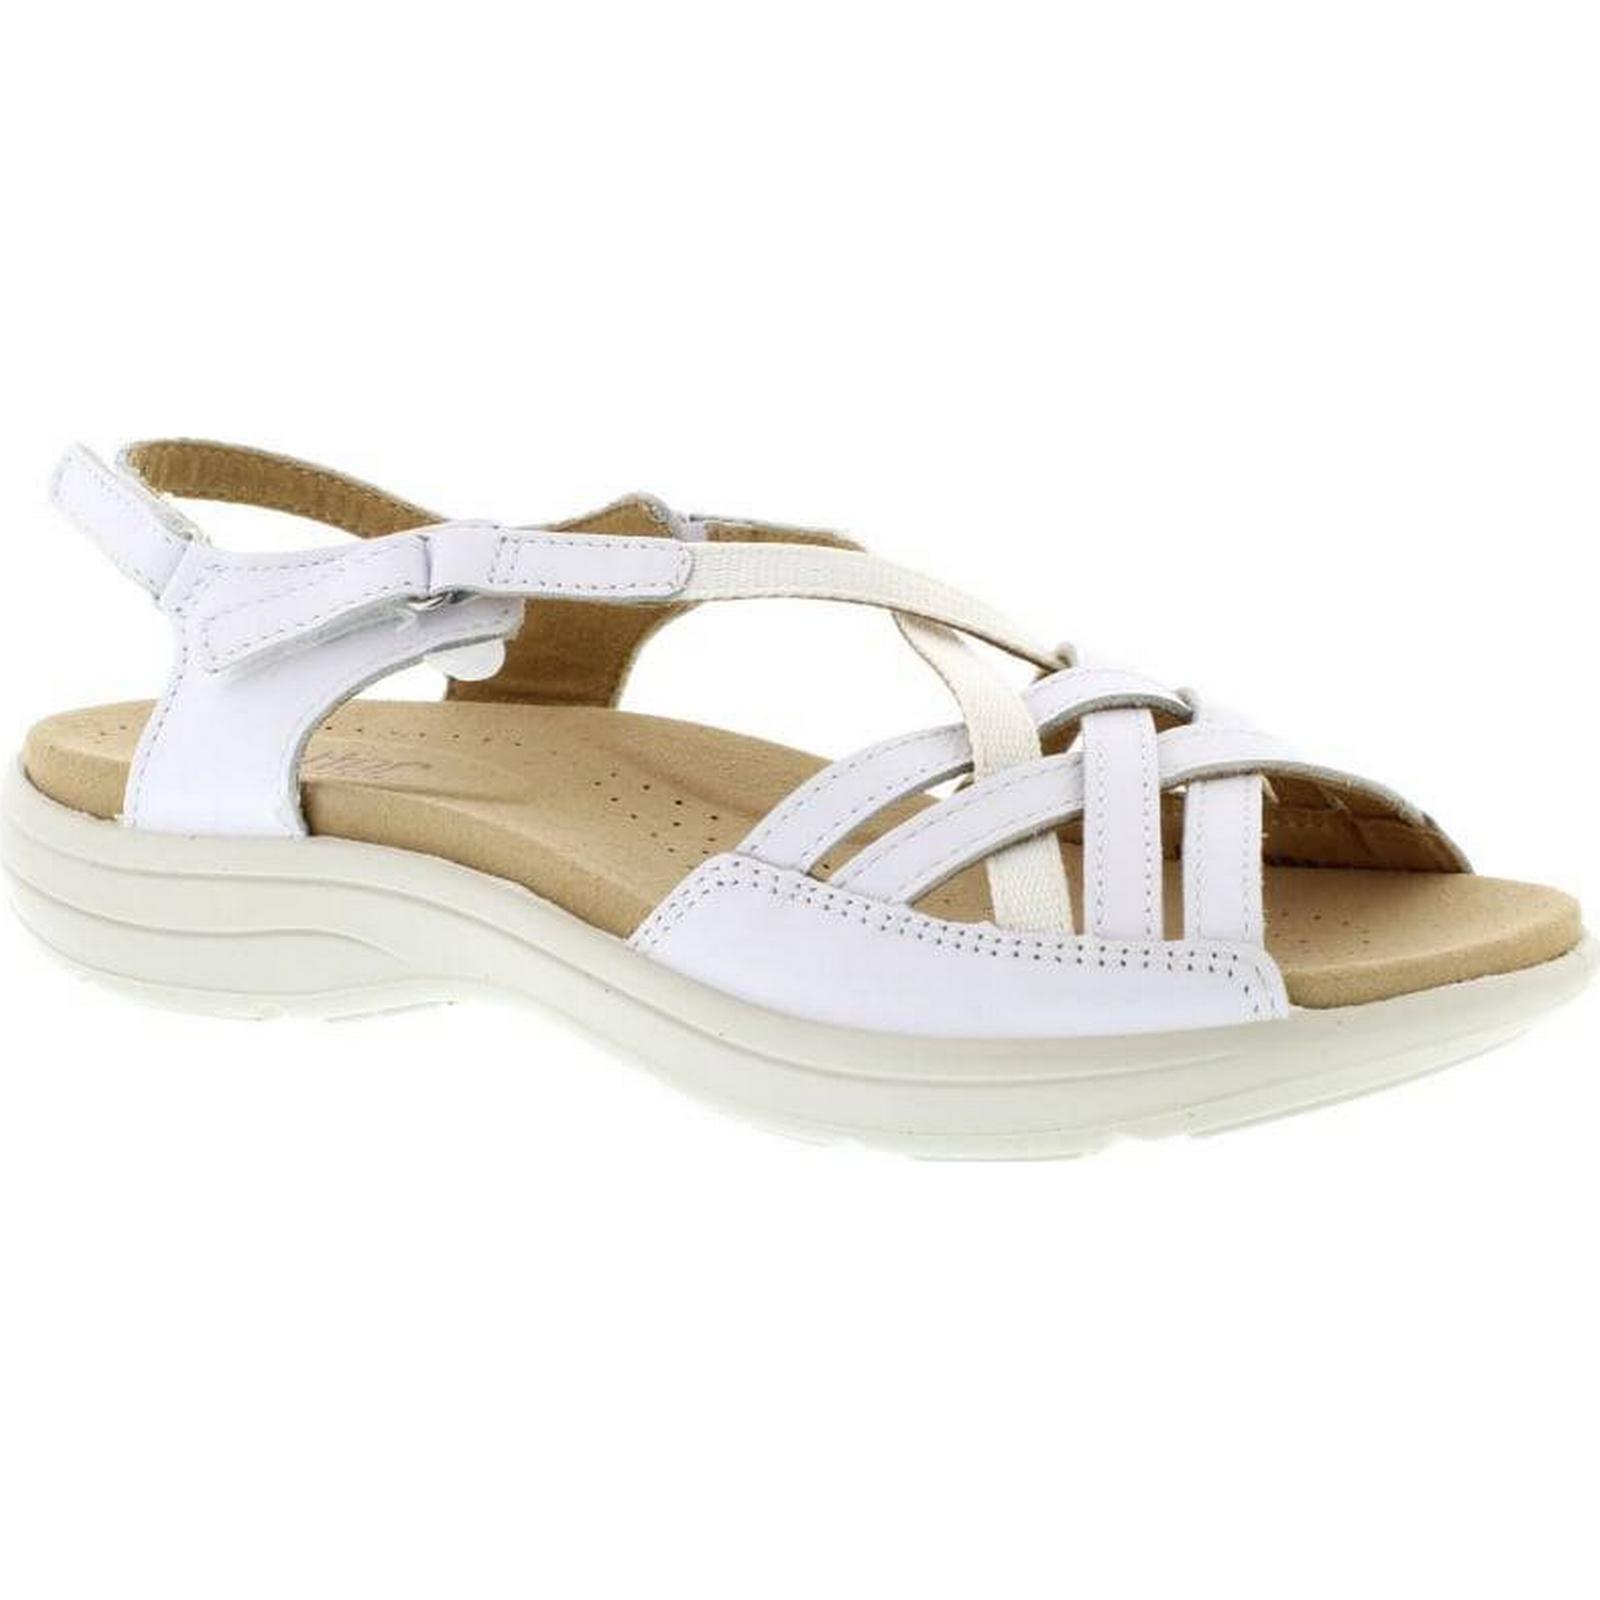 Hotter Originals 4 Maisie - White Size: 4 Originals UK e96fda